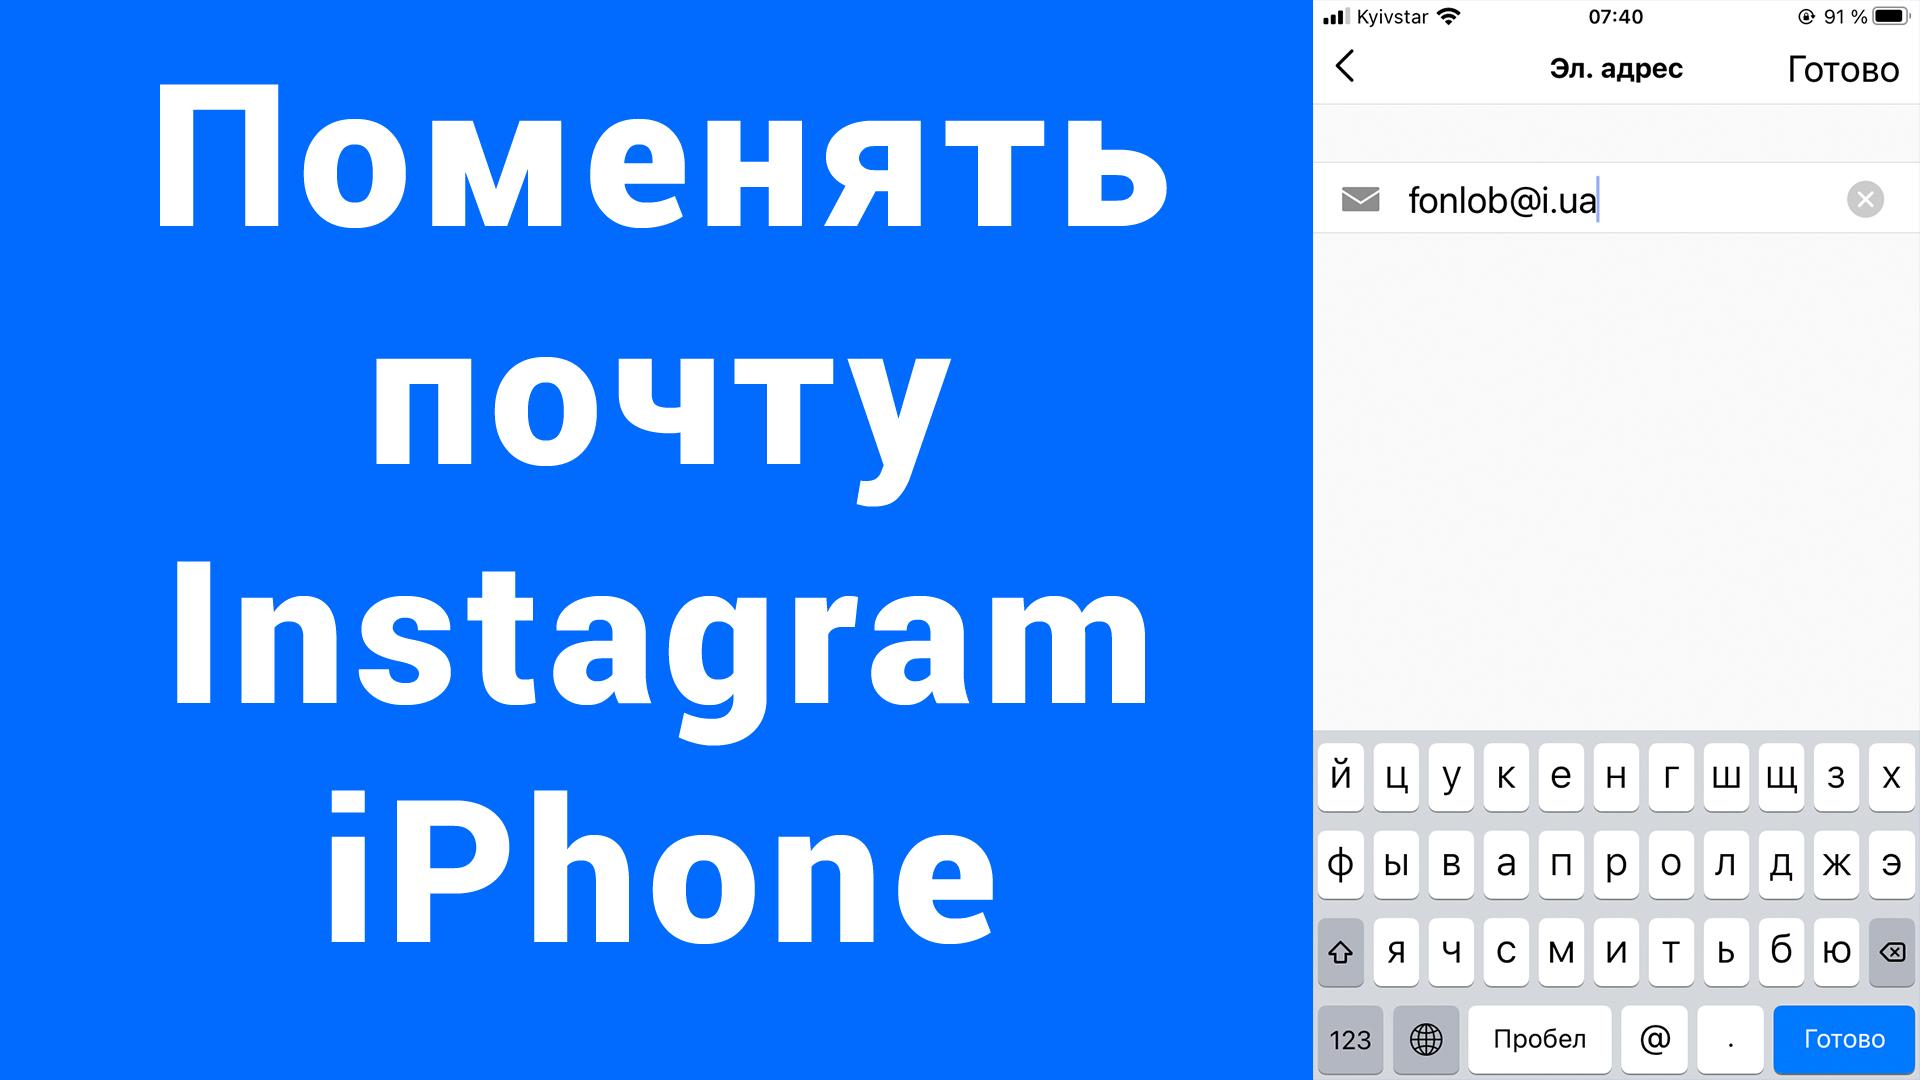 Как поменять почту Инстаграм iPhone